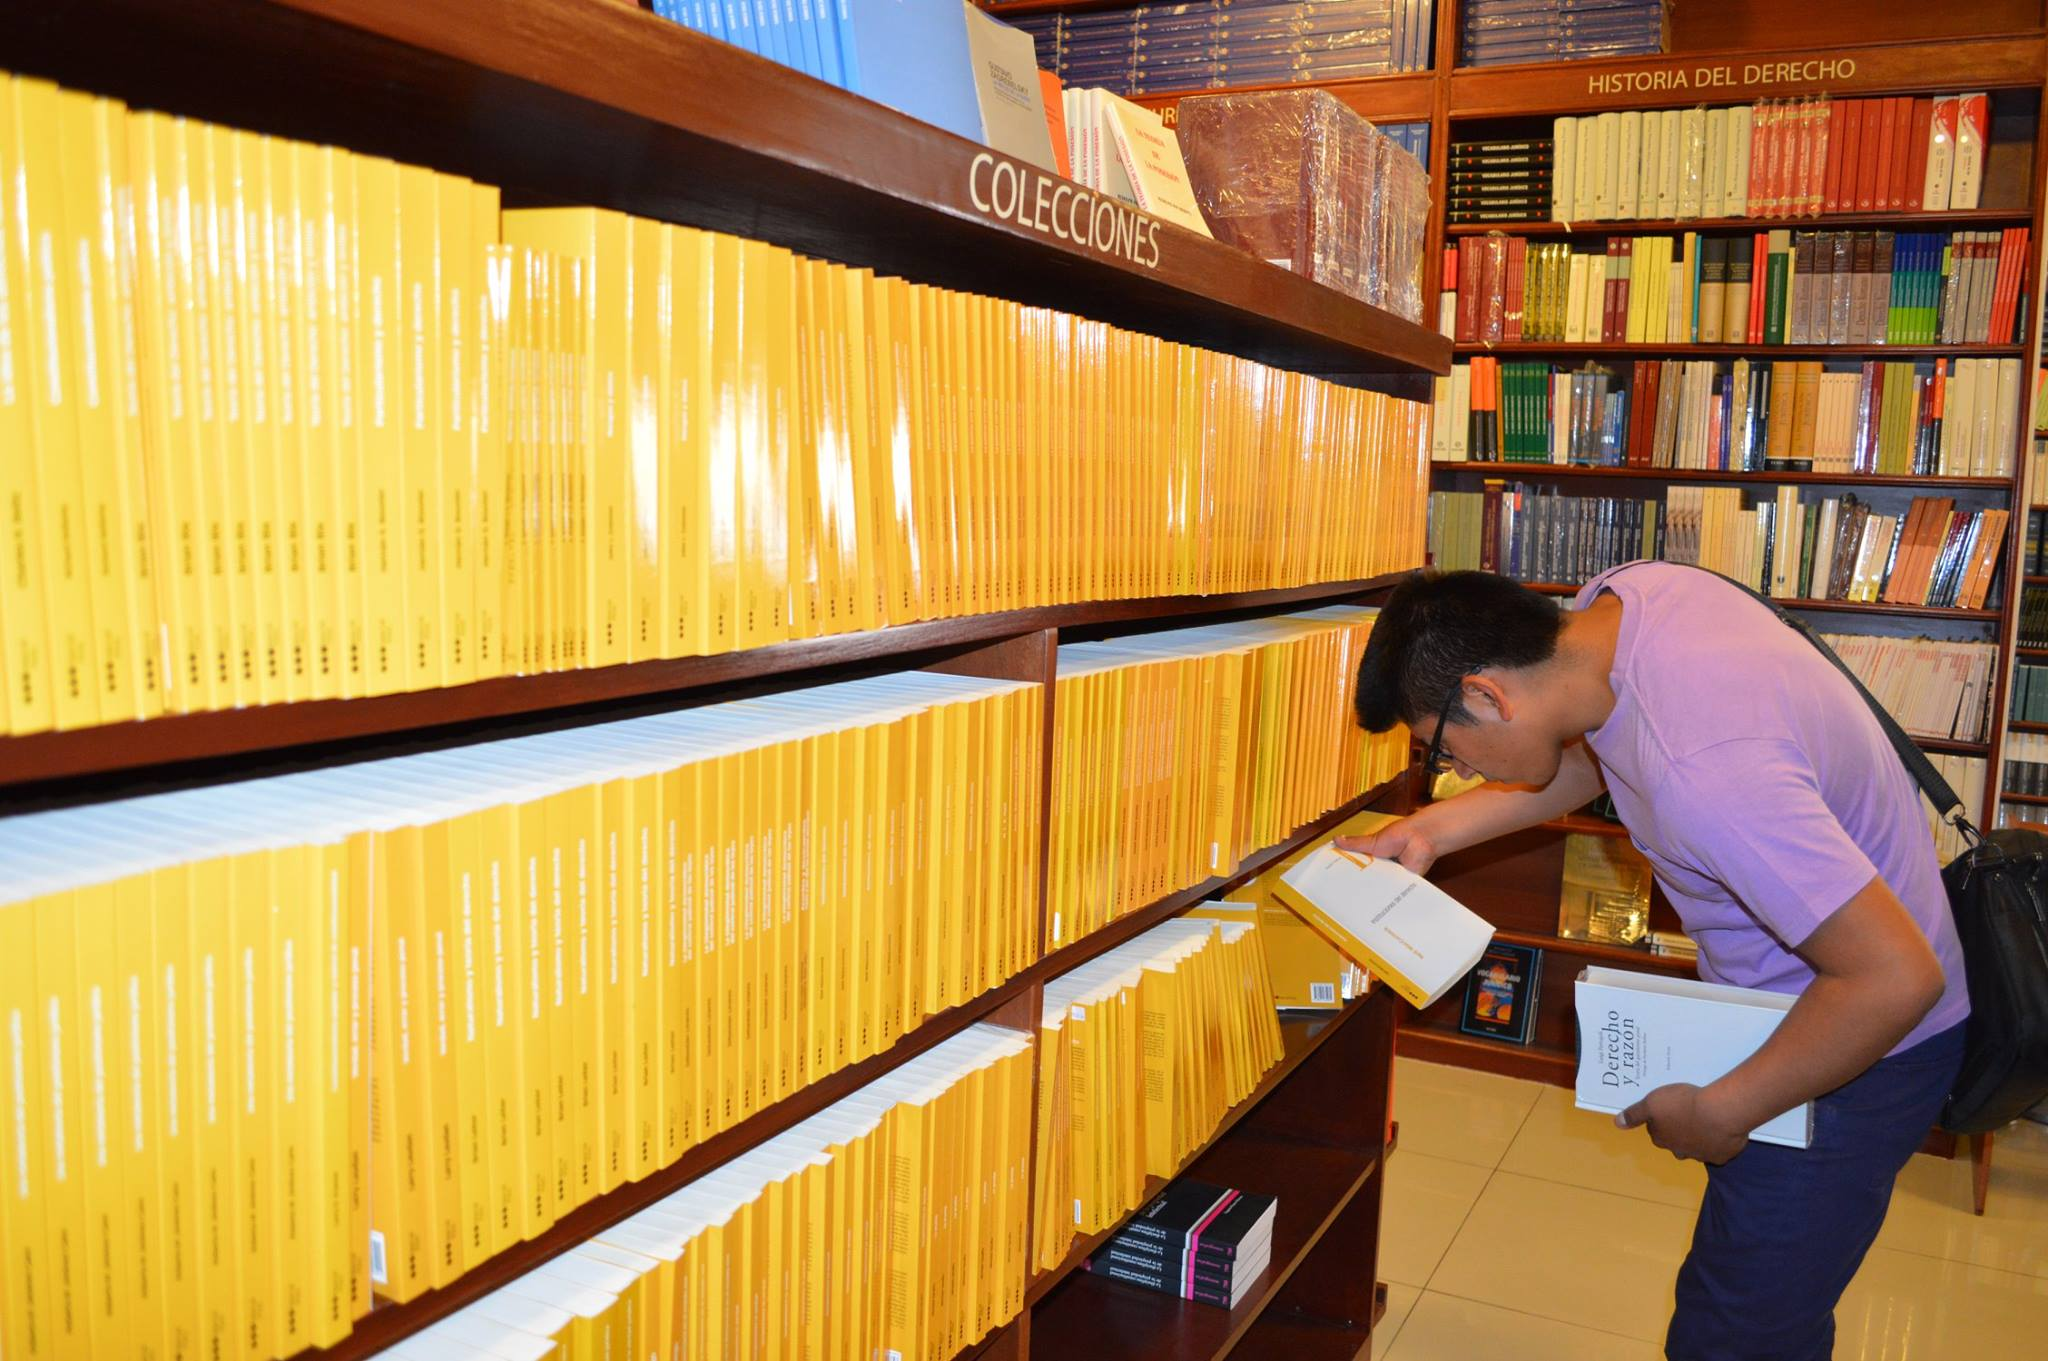 libreria-communitas-coleccion-filosofia-y-derecho-marcial-pons-legis-pe